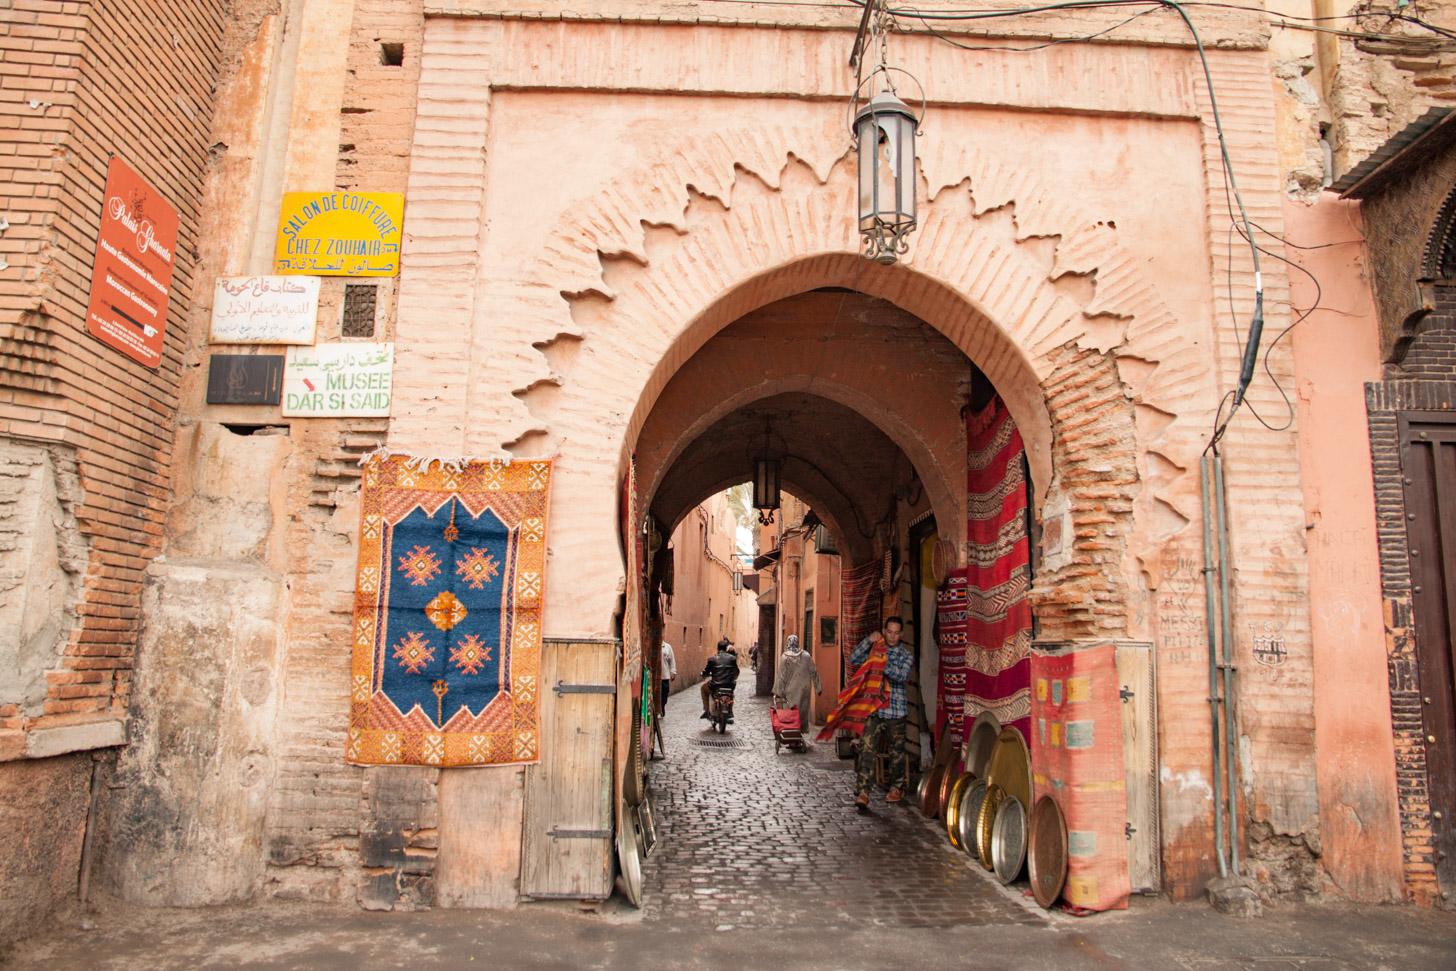 De oude binnenstad van Marrakech